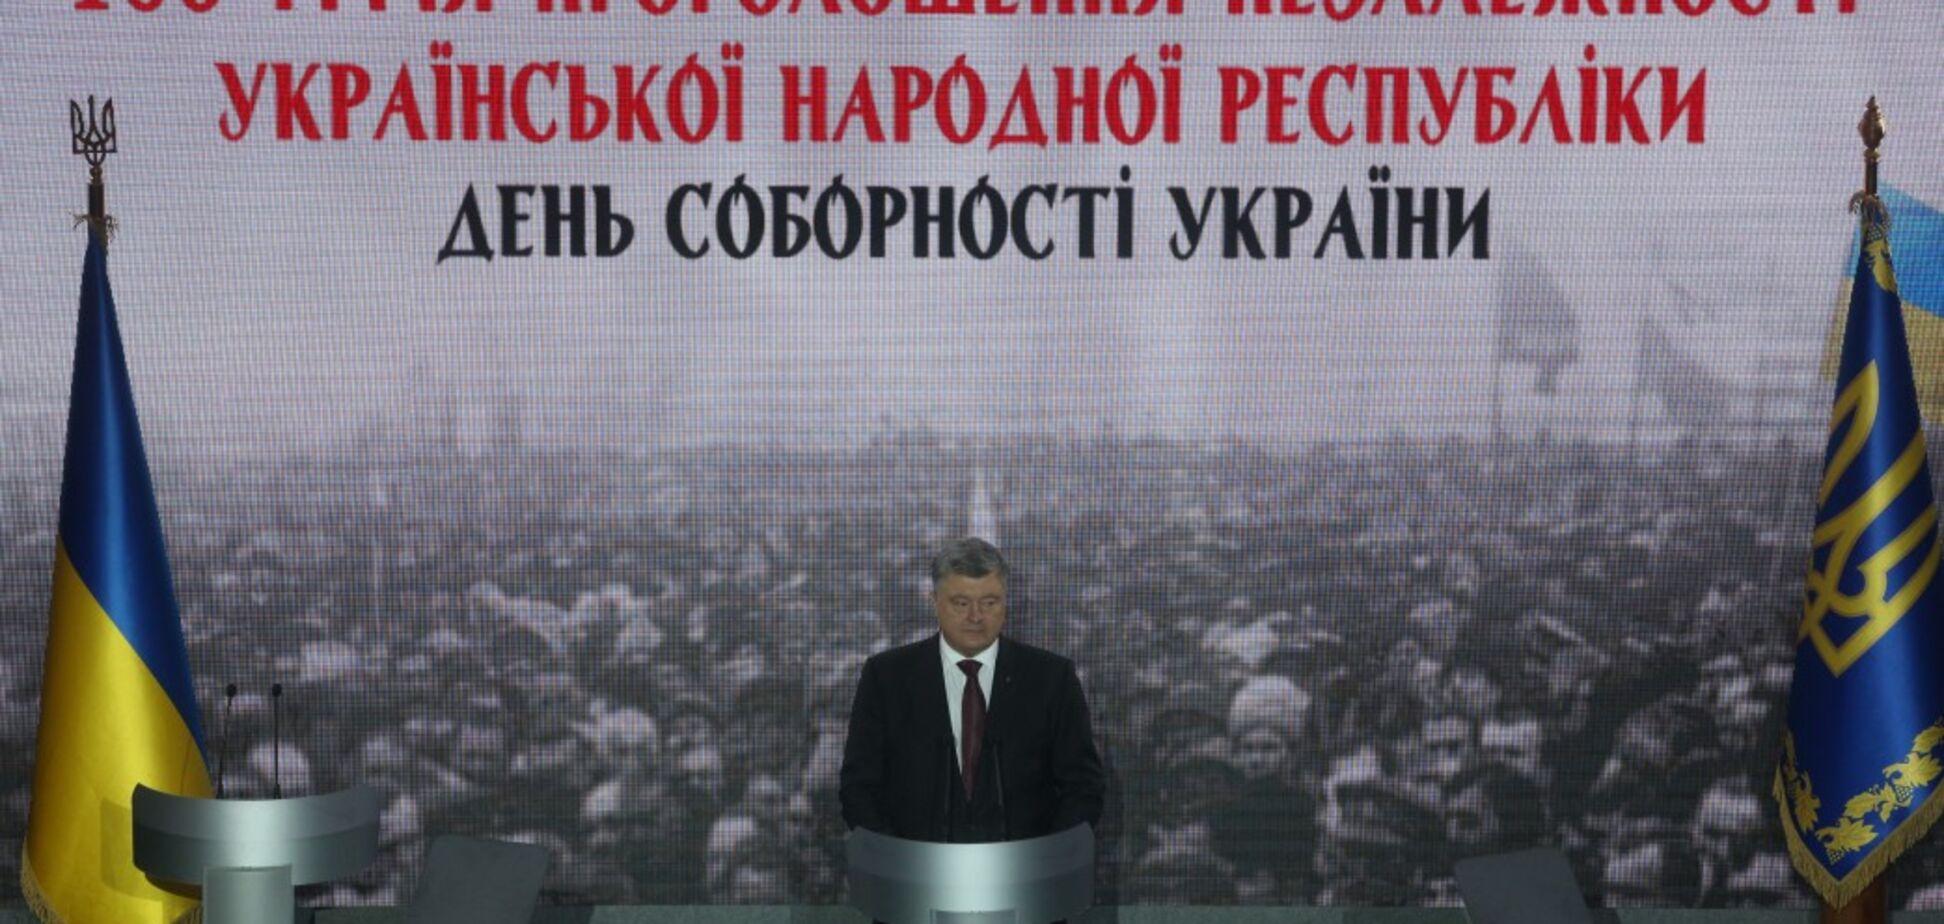 Україна готова дати жорстку військову відсіч агресору - Порошенко